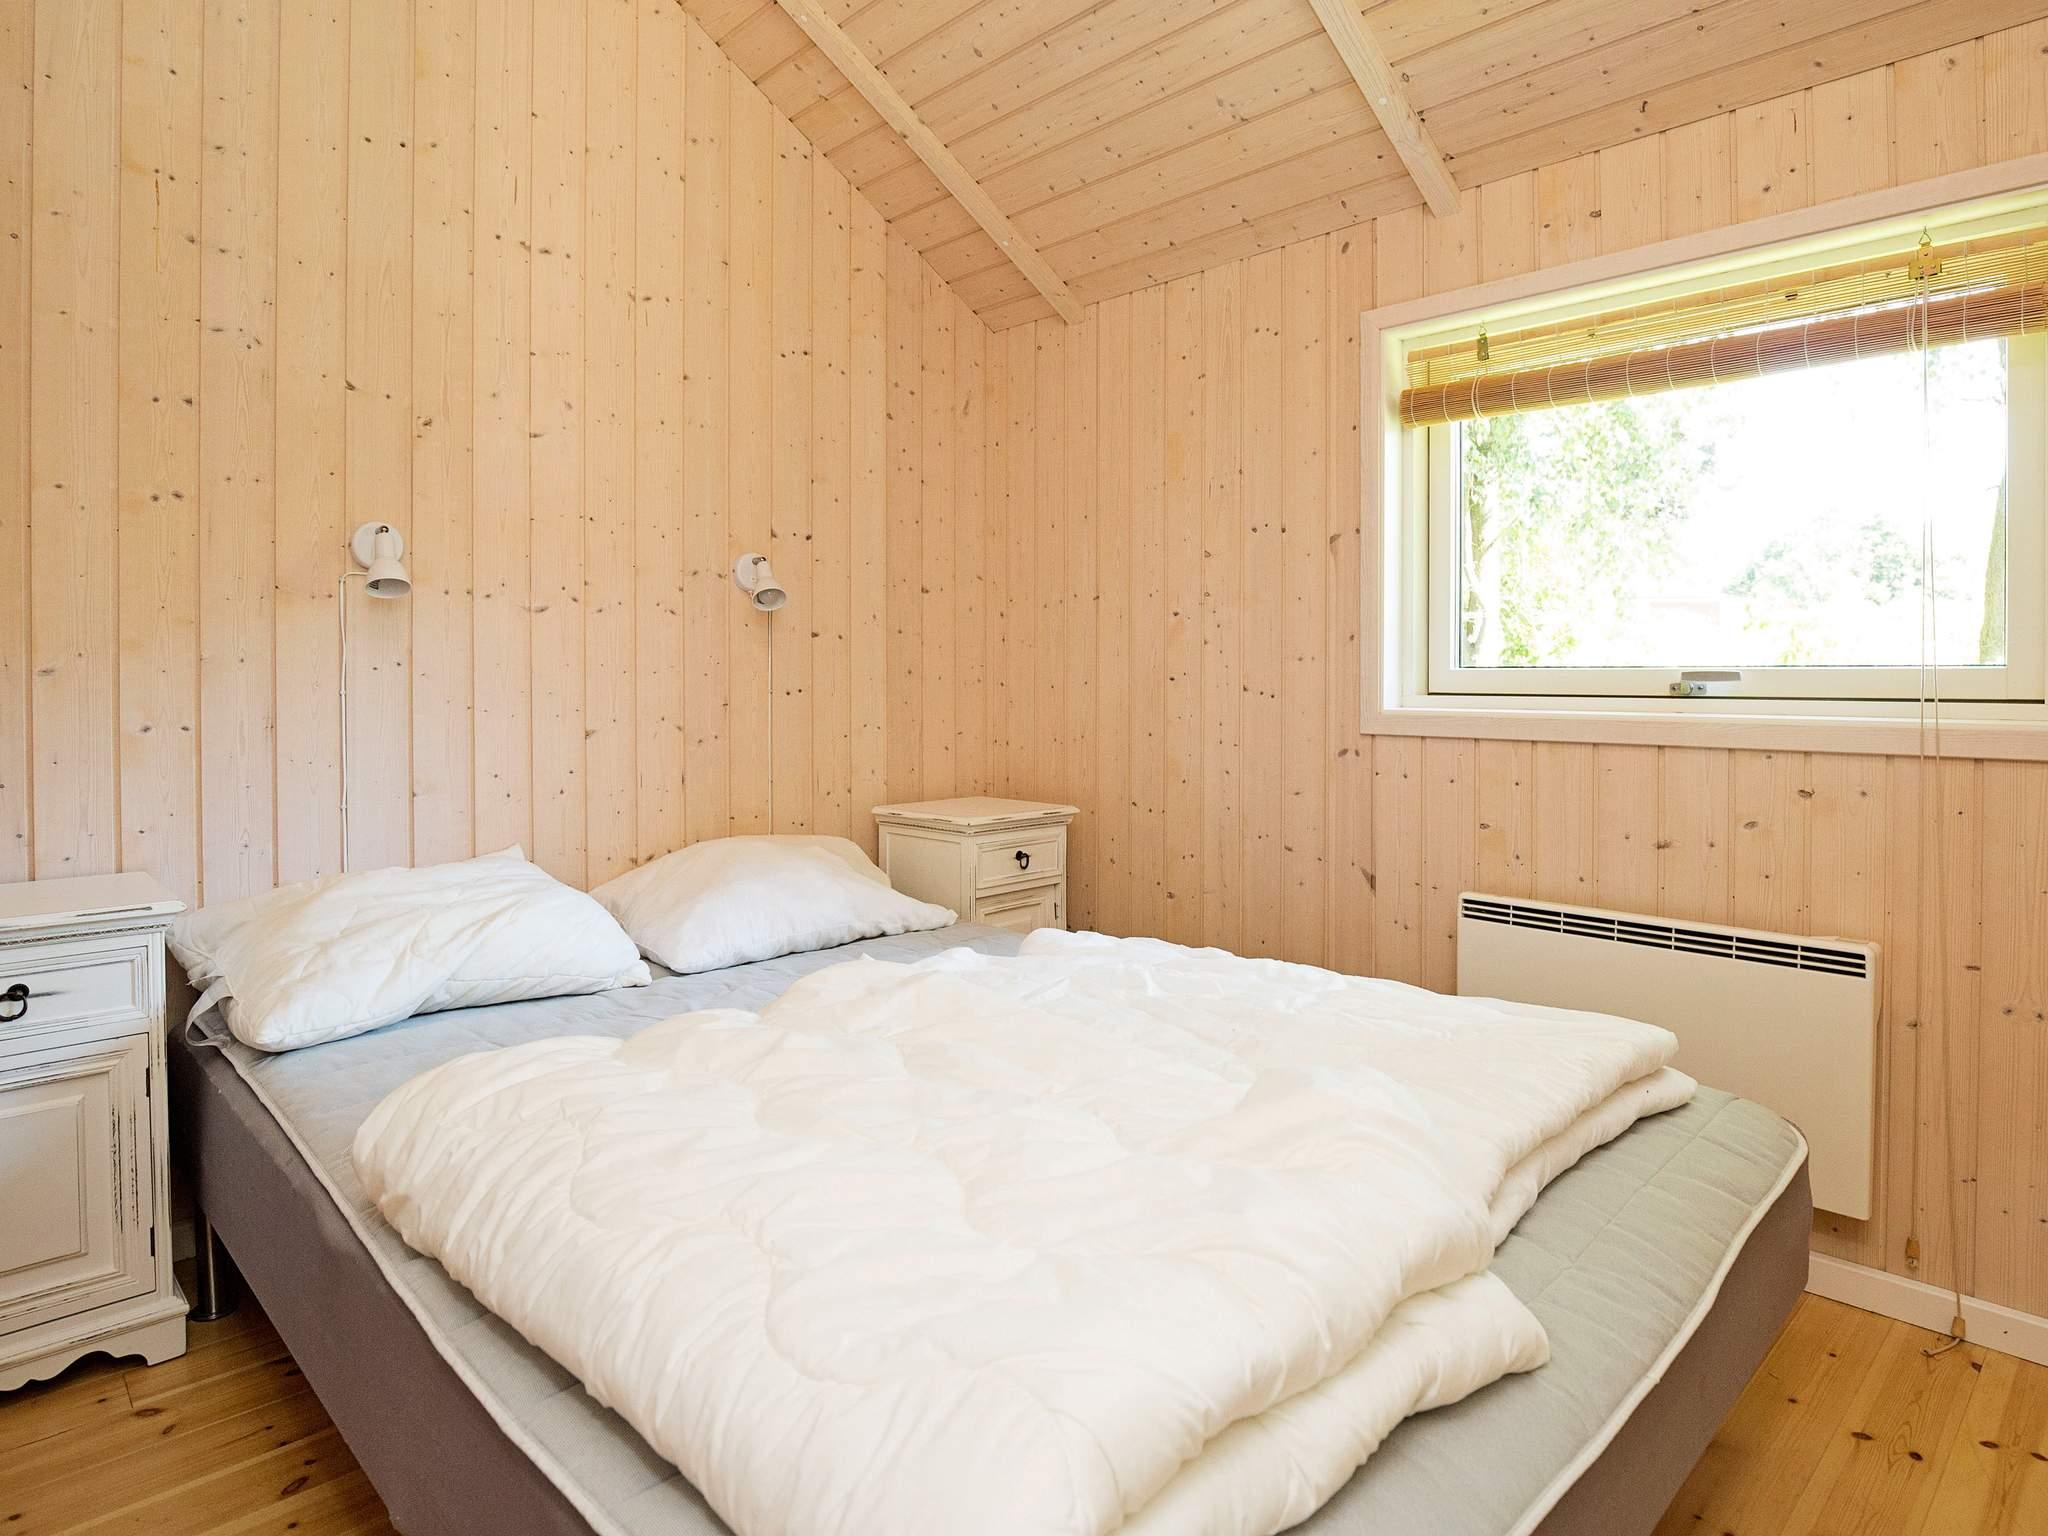 Ferienhaus Ellinge Lyng (208418), Højby, , Westseeland, Dänemark, Bild 9